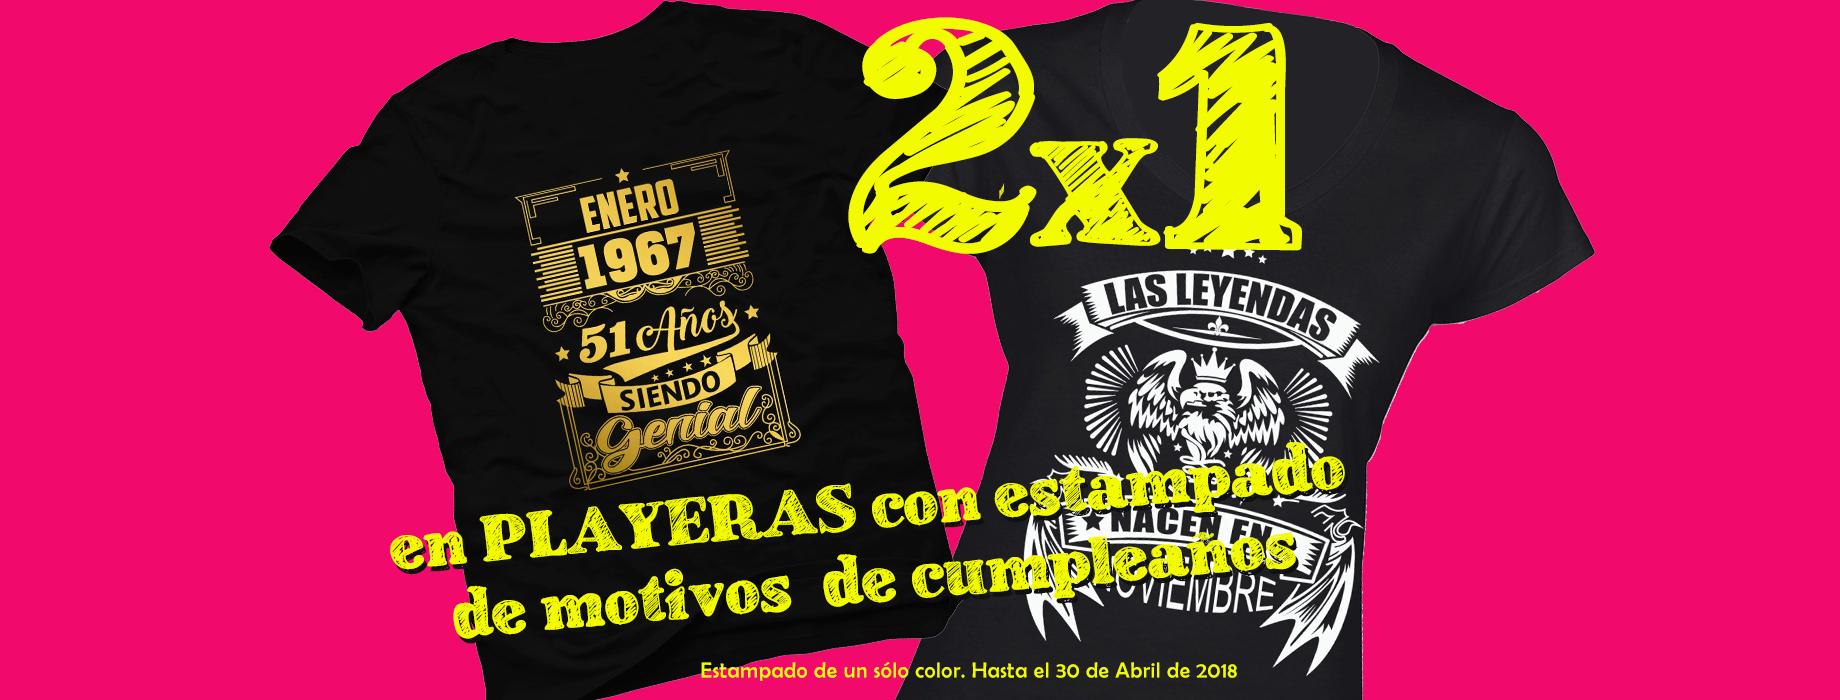 playeras2x1